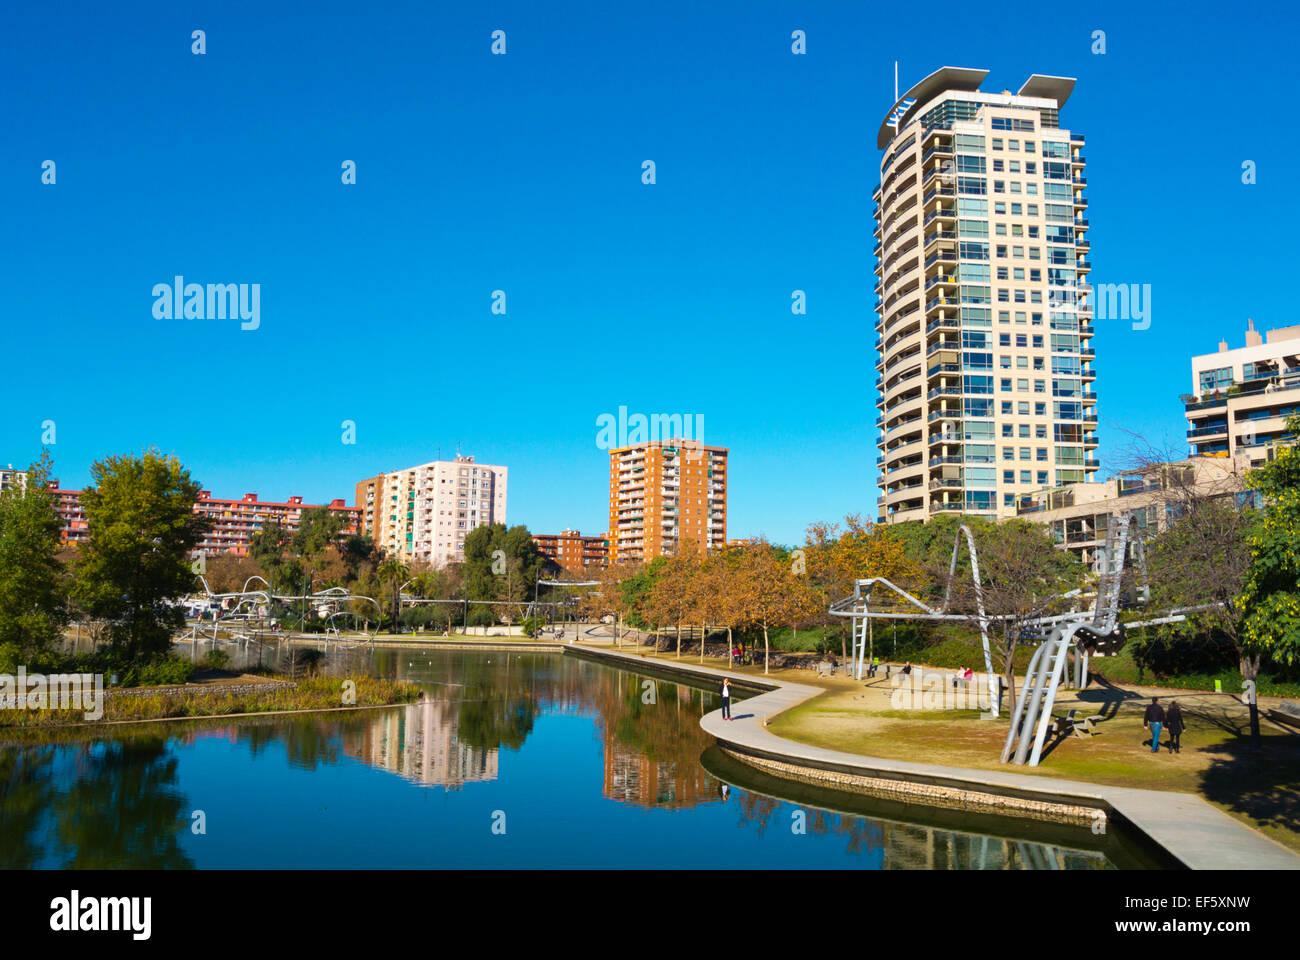 Parc de la Diagonal-Mar, Barcelona, Spain - Stock Image